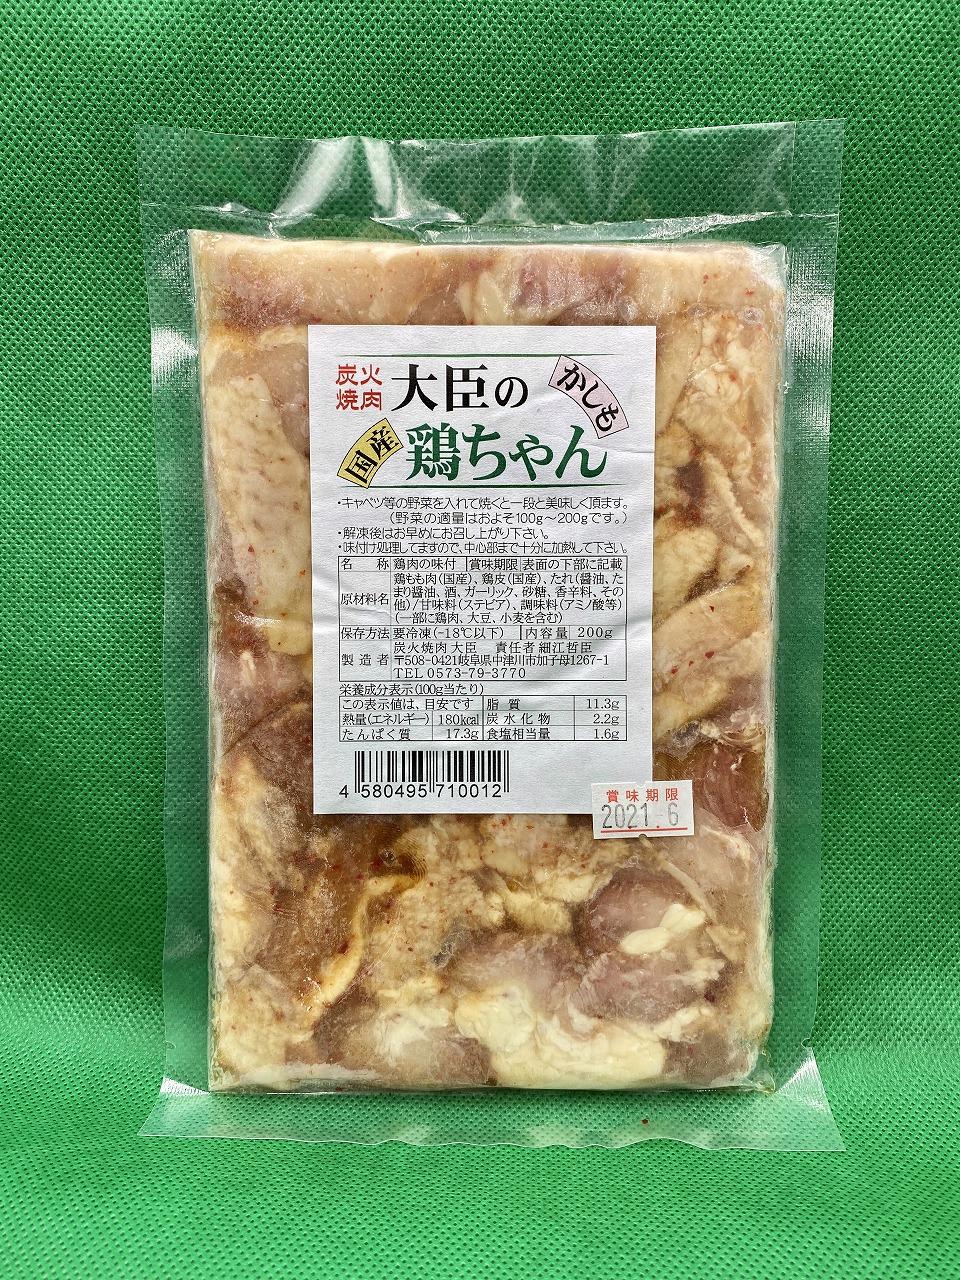 加子母の大臣の鶏ちゃん(ノーマル)画像